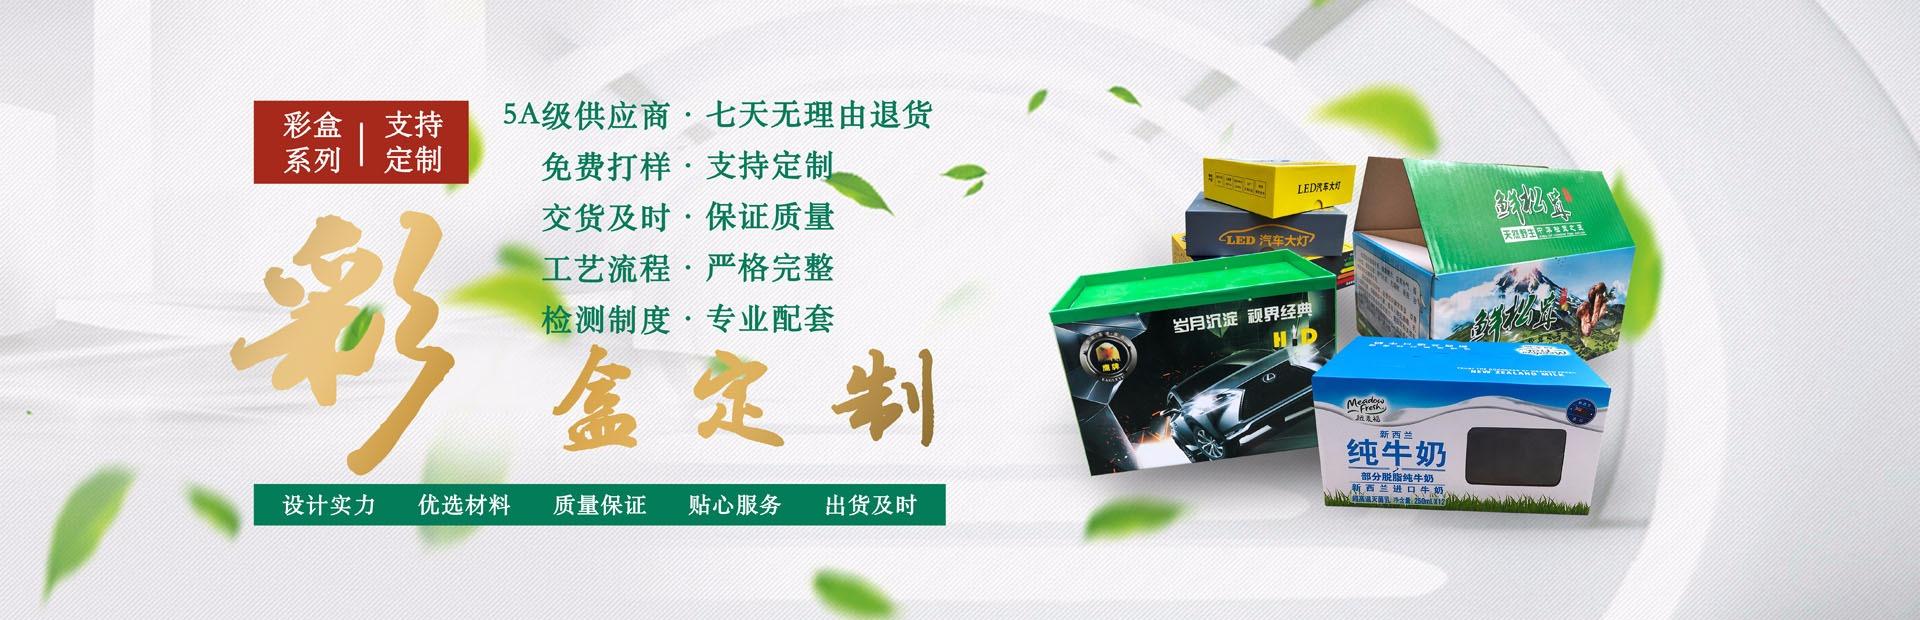 彩盒系列1-gai